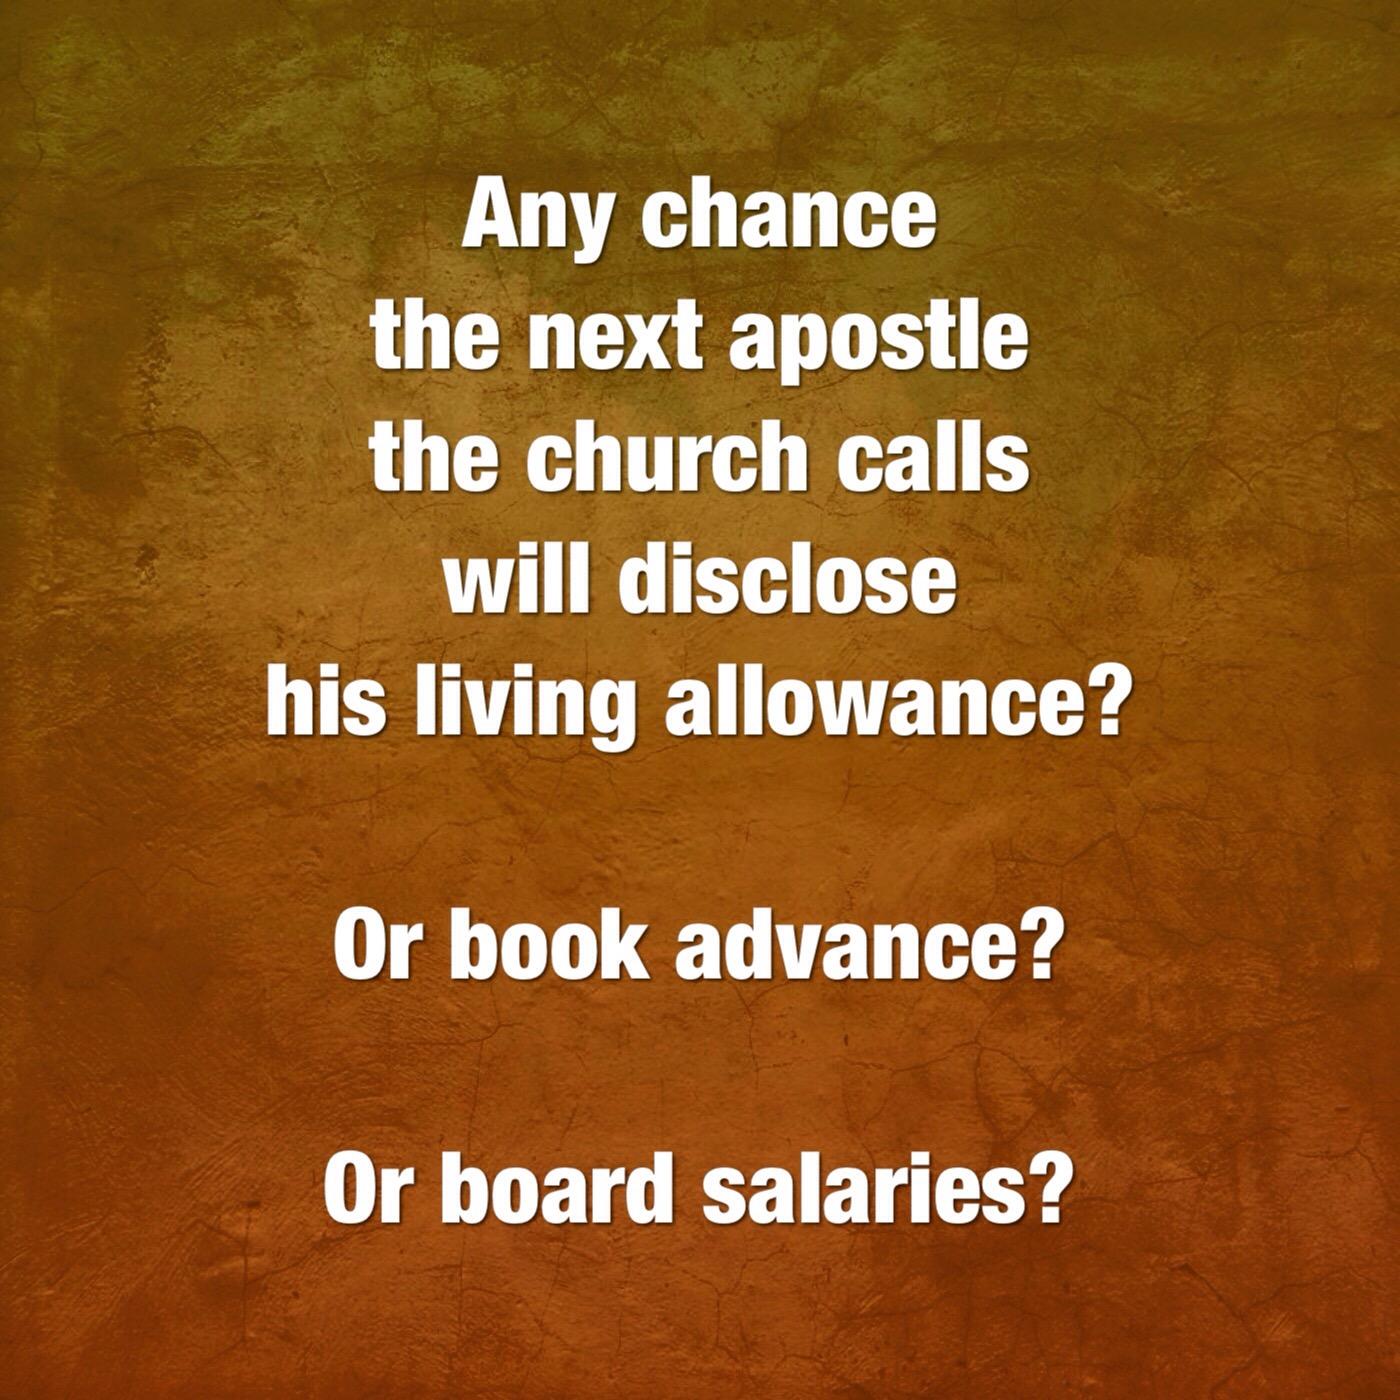 Modest living allowance